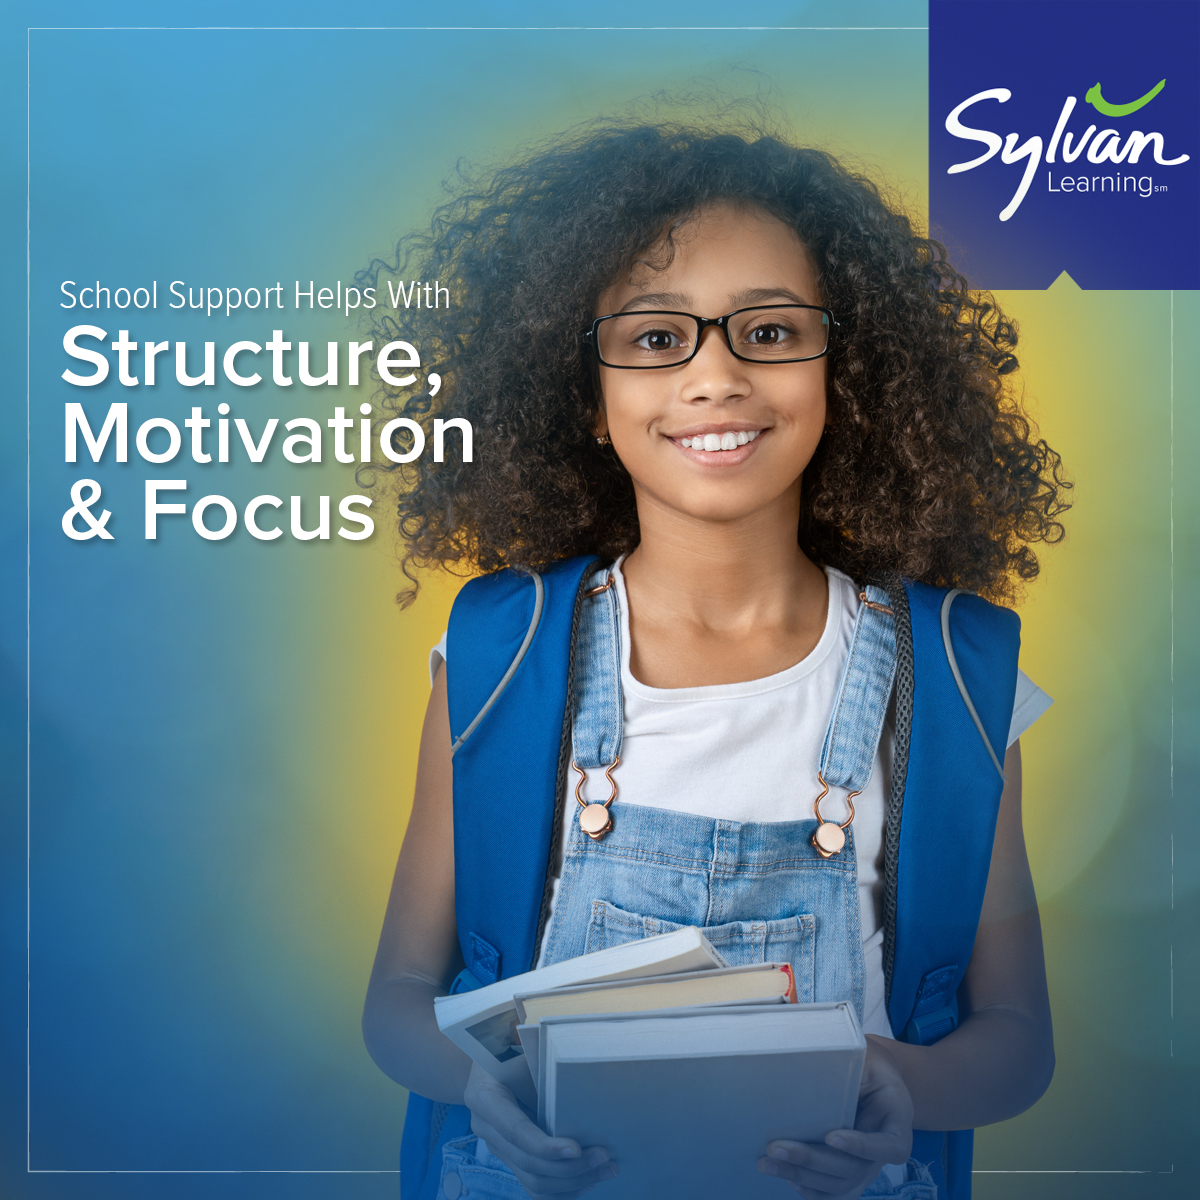 Slyvan Learning Center